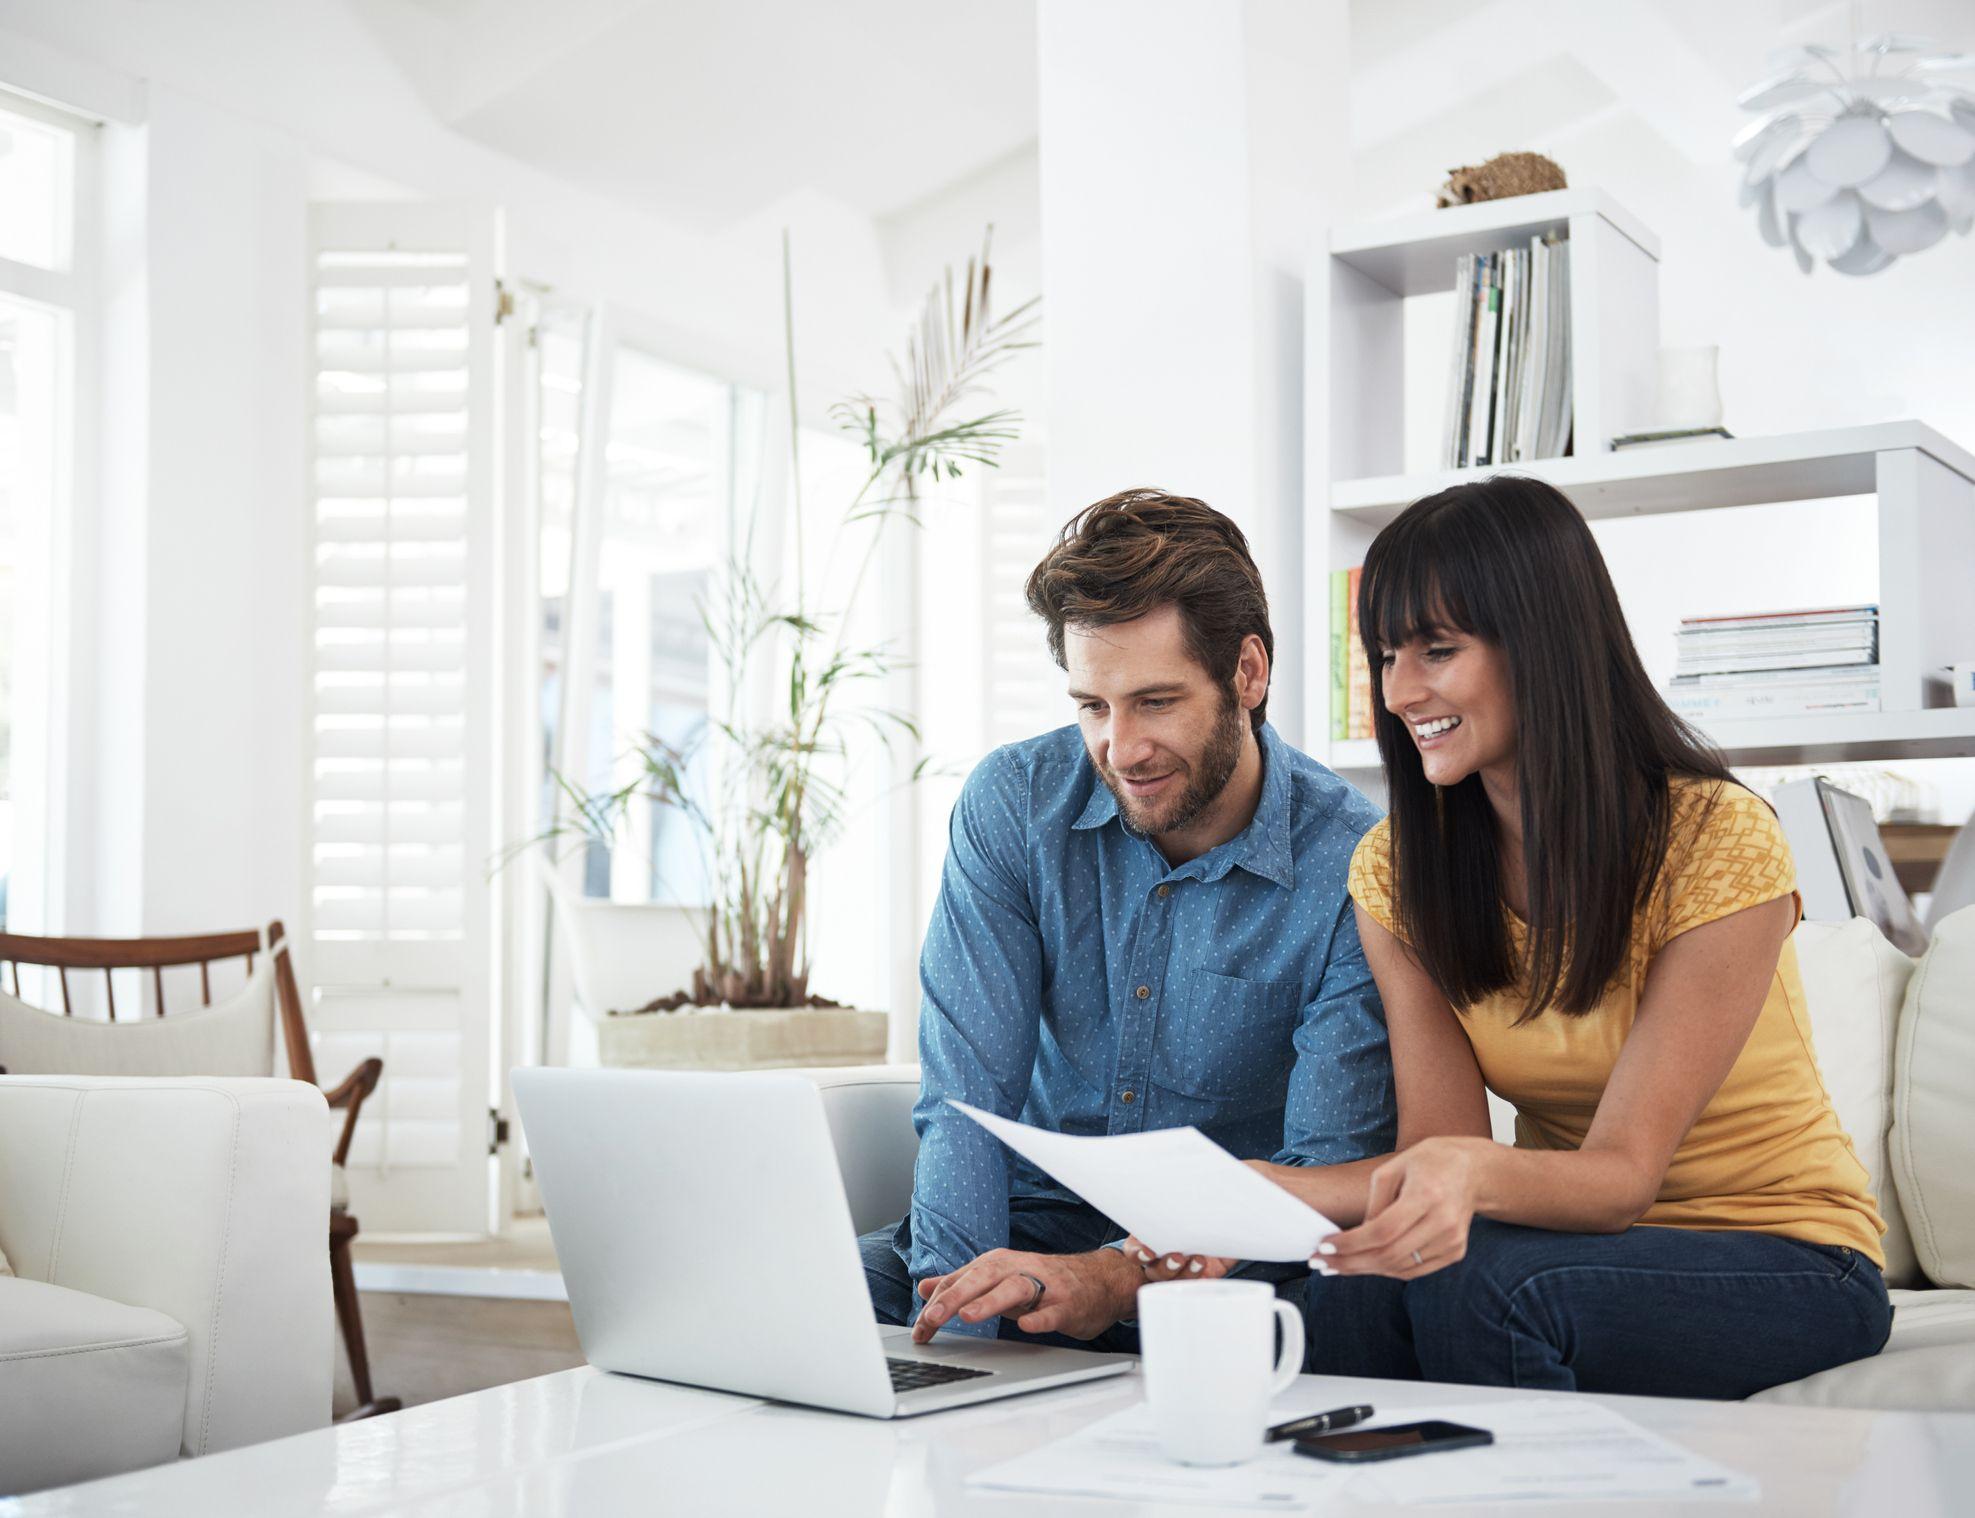 How to Compare Mortgage Estimates